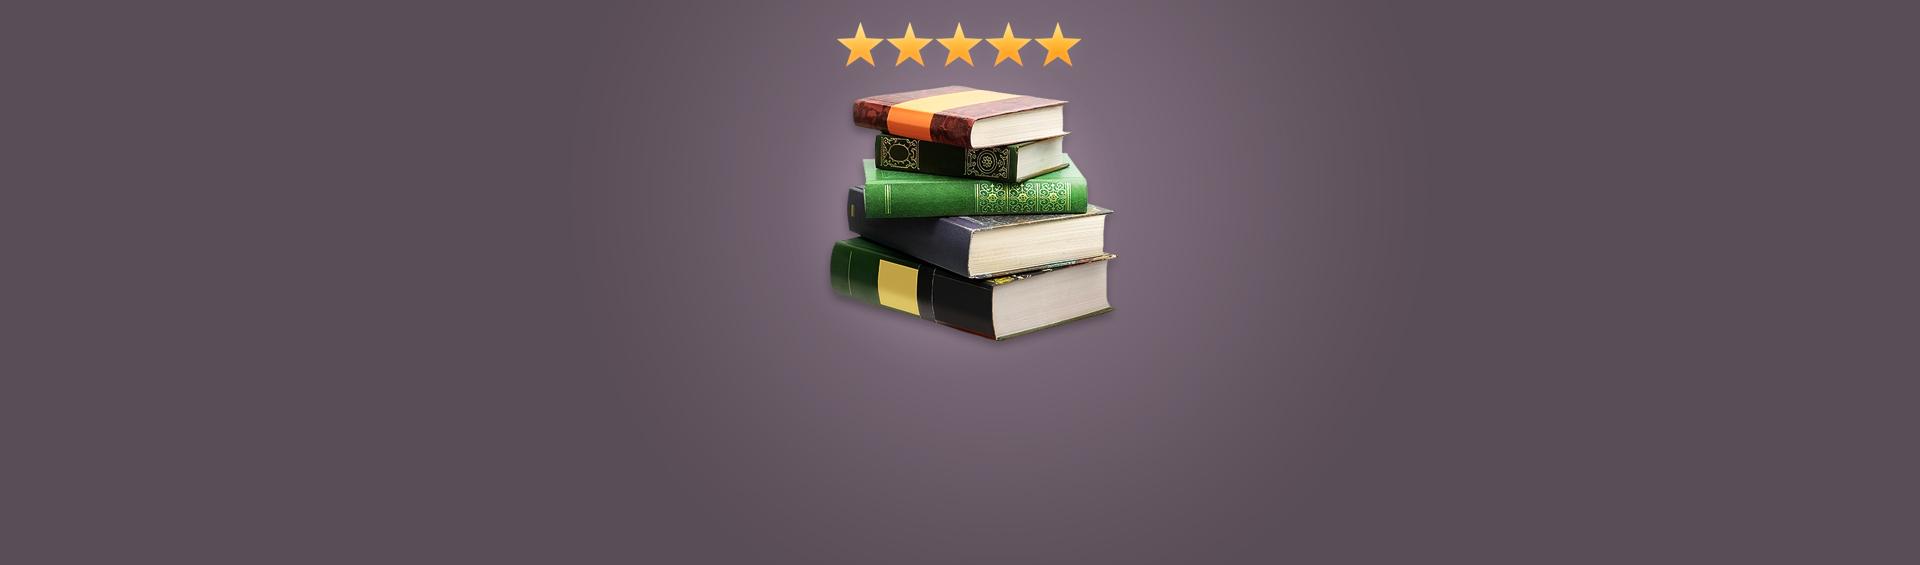 Что читать про маркетинг. 16 лучших книг